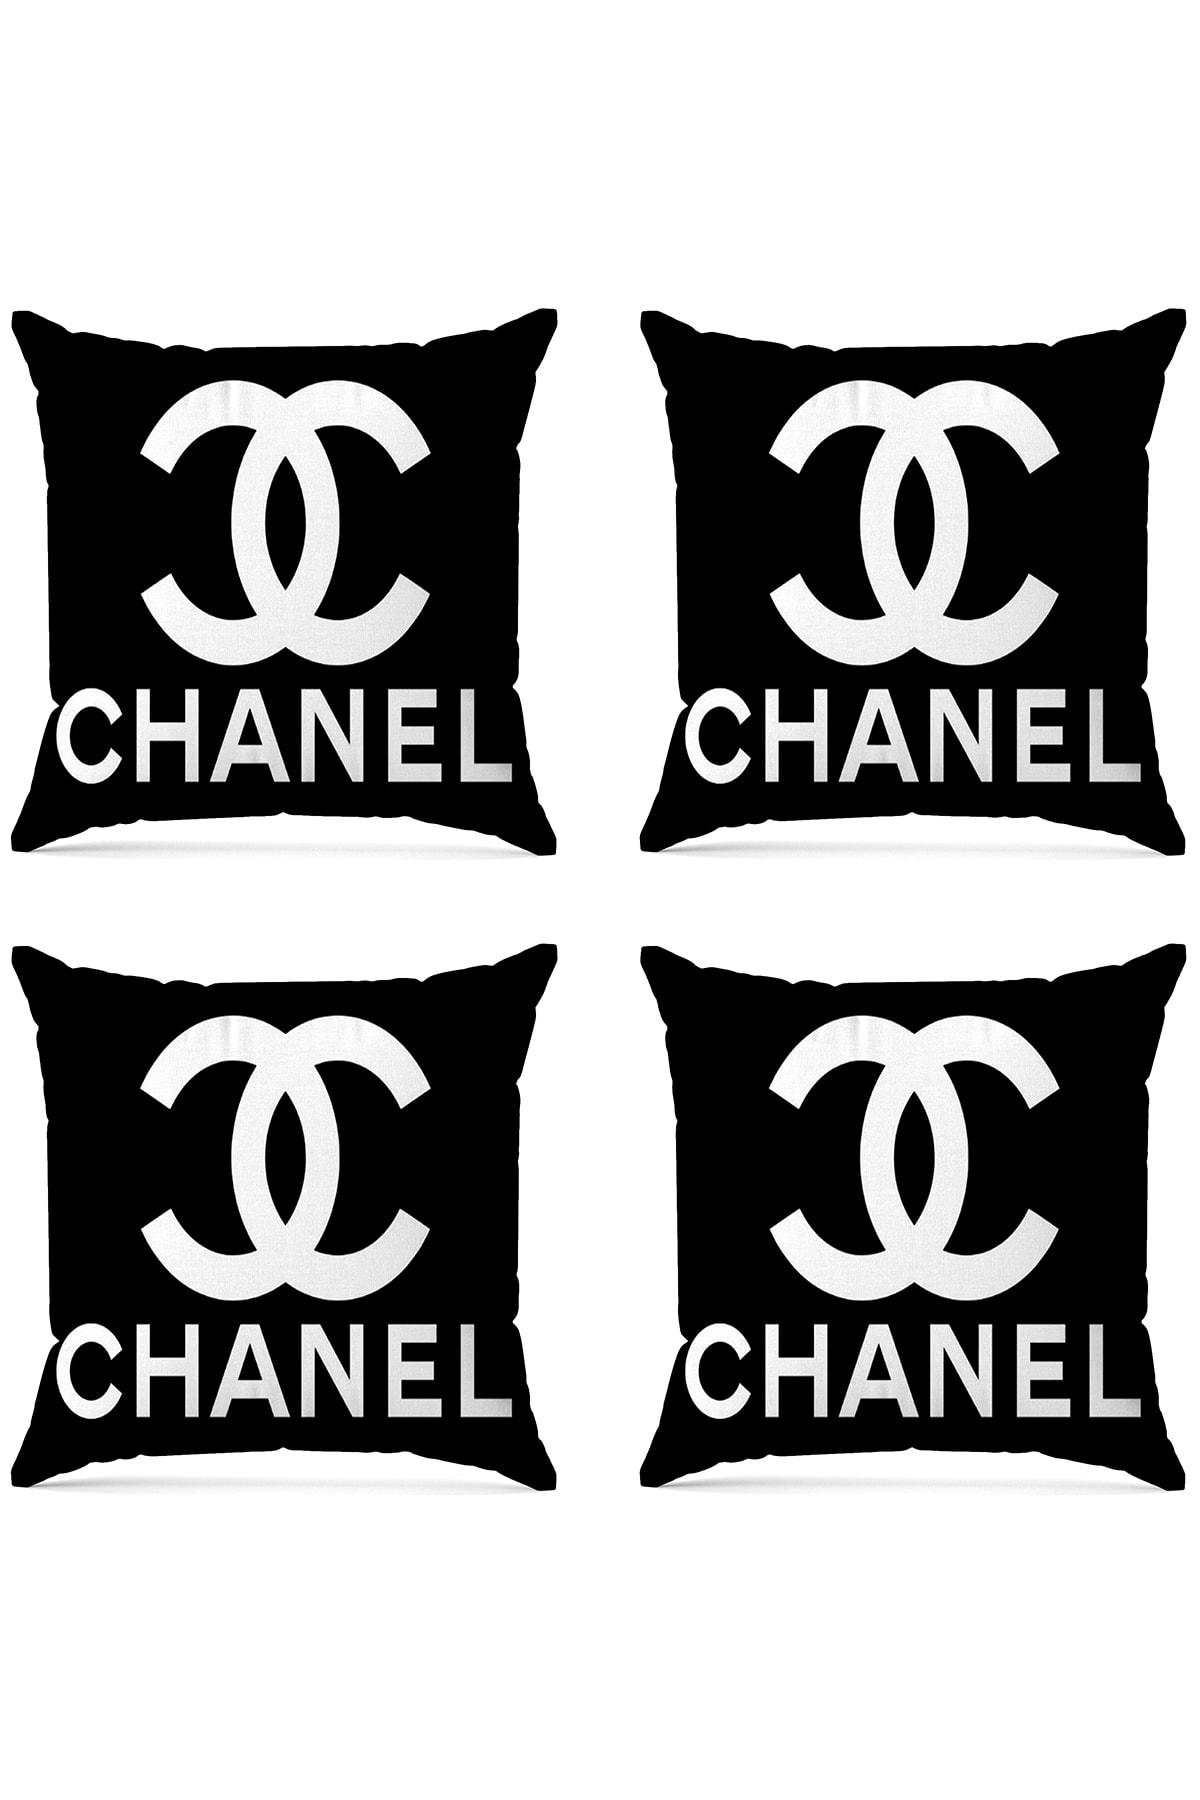 Chanel Dijital Baskılı Dekoratif 4'lü Kırlent Kılıfı